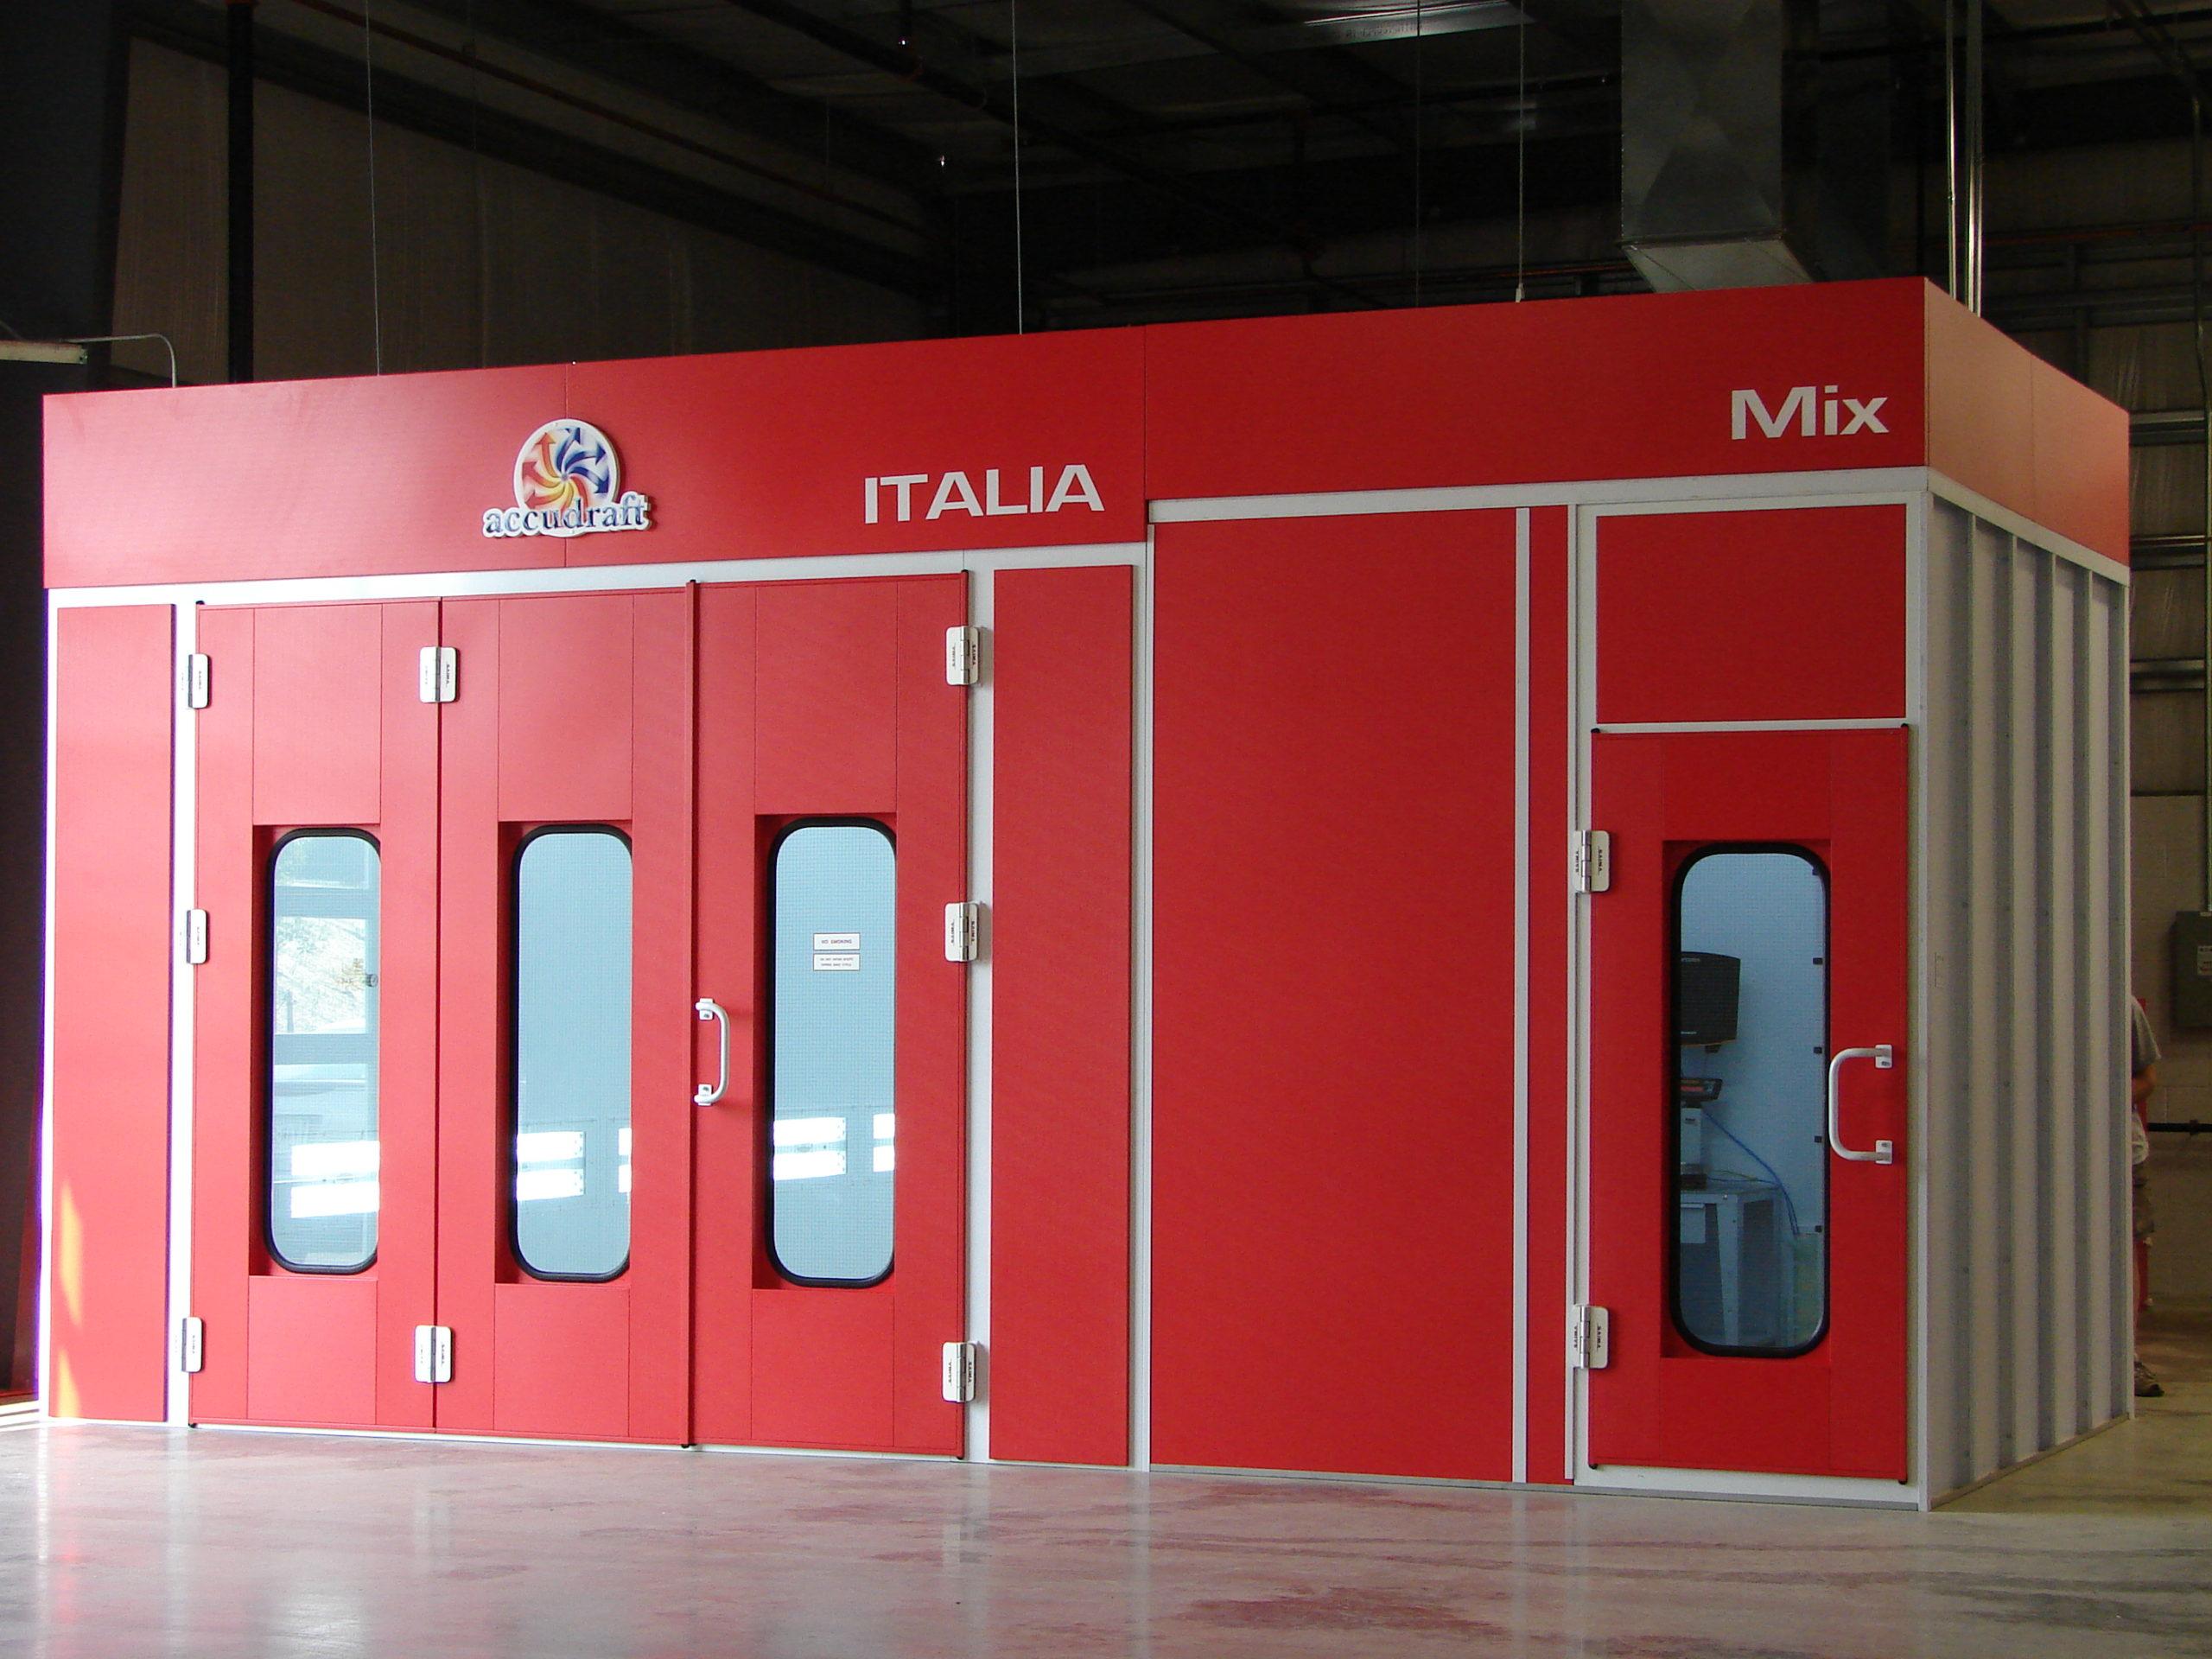 Accudraft Italia Spray Booth